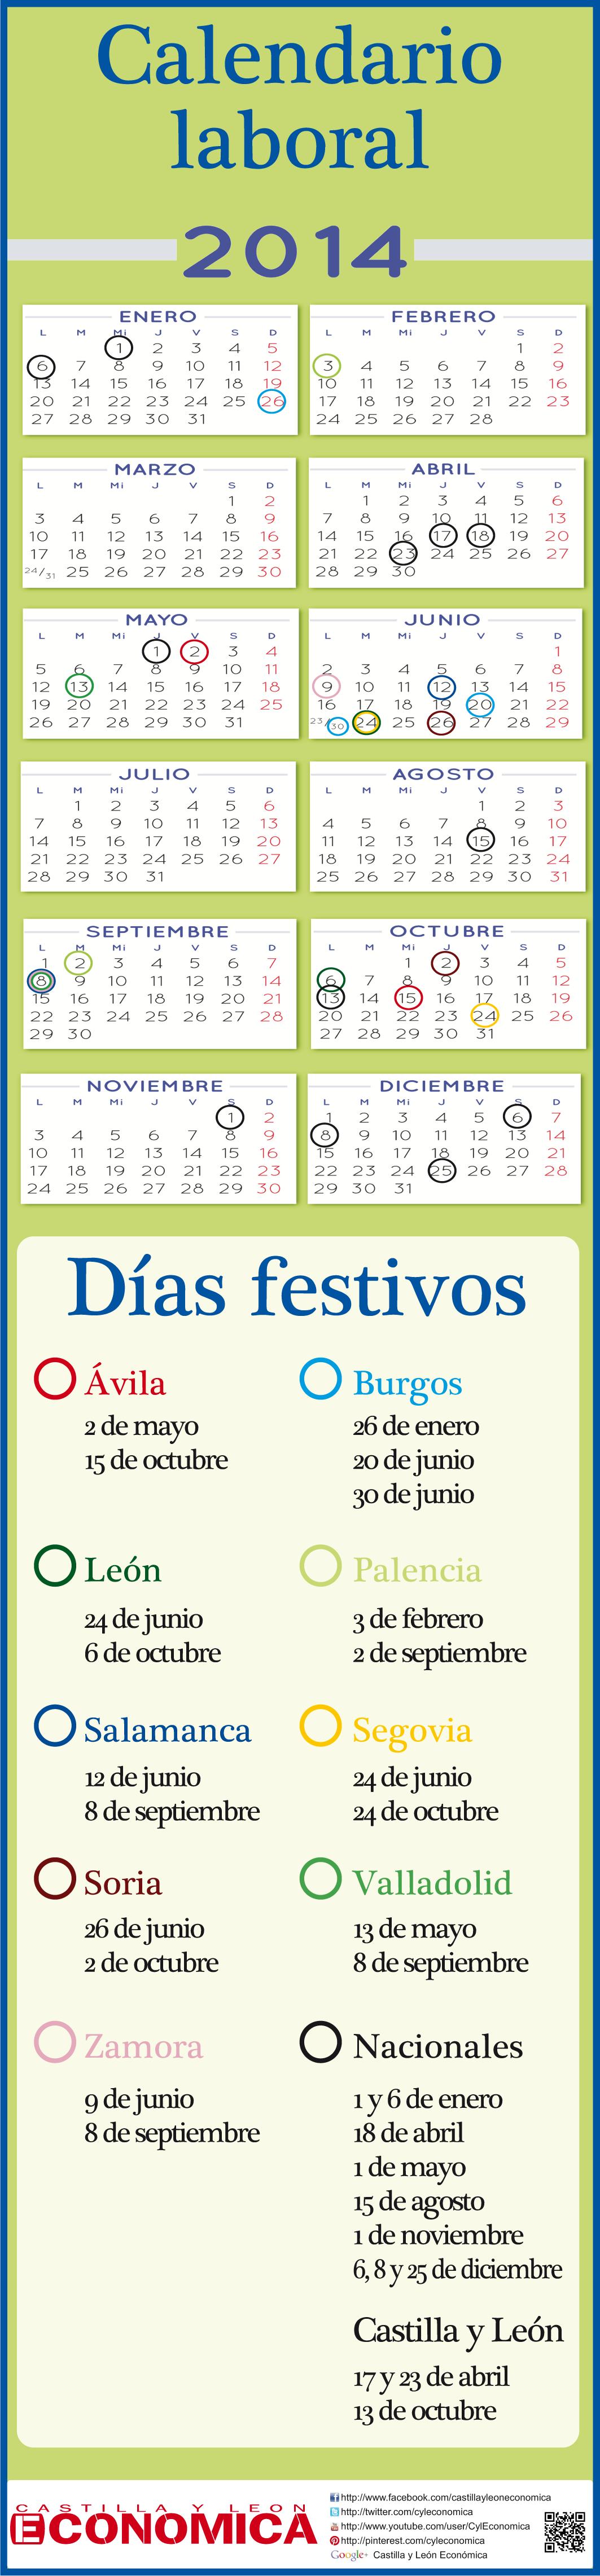 calendariolaboral2014